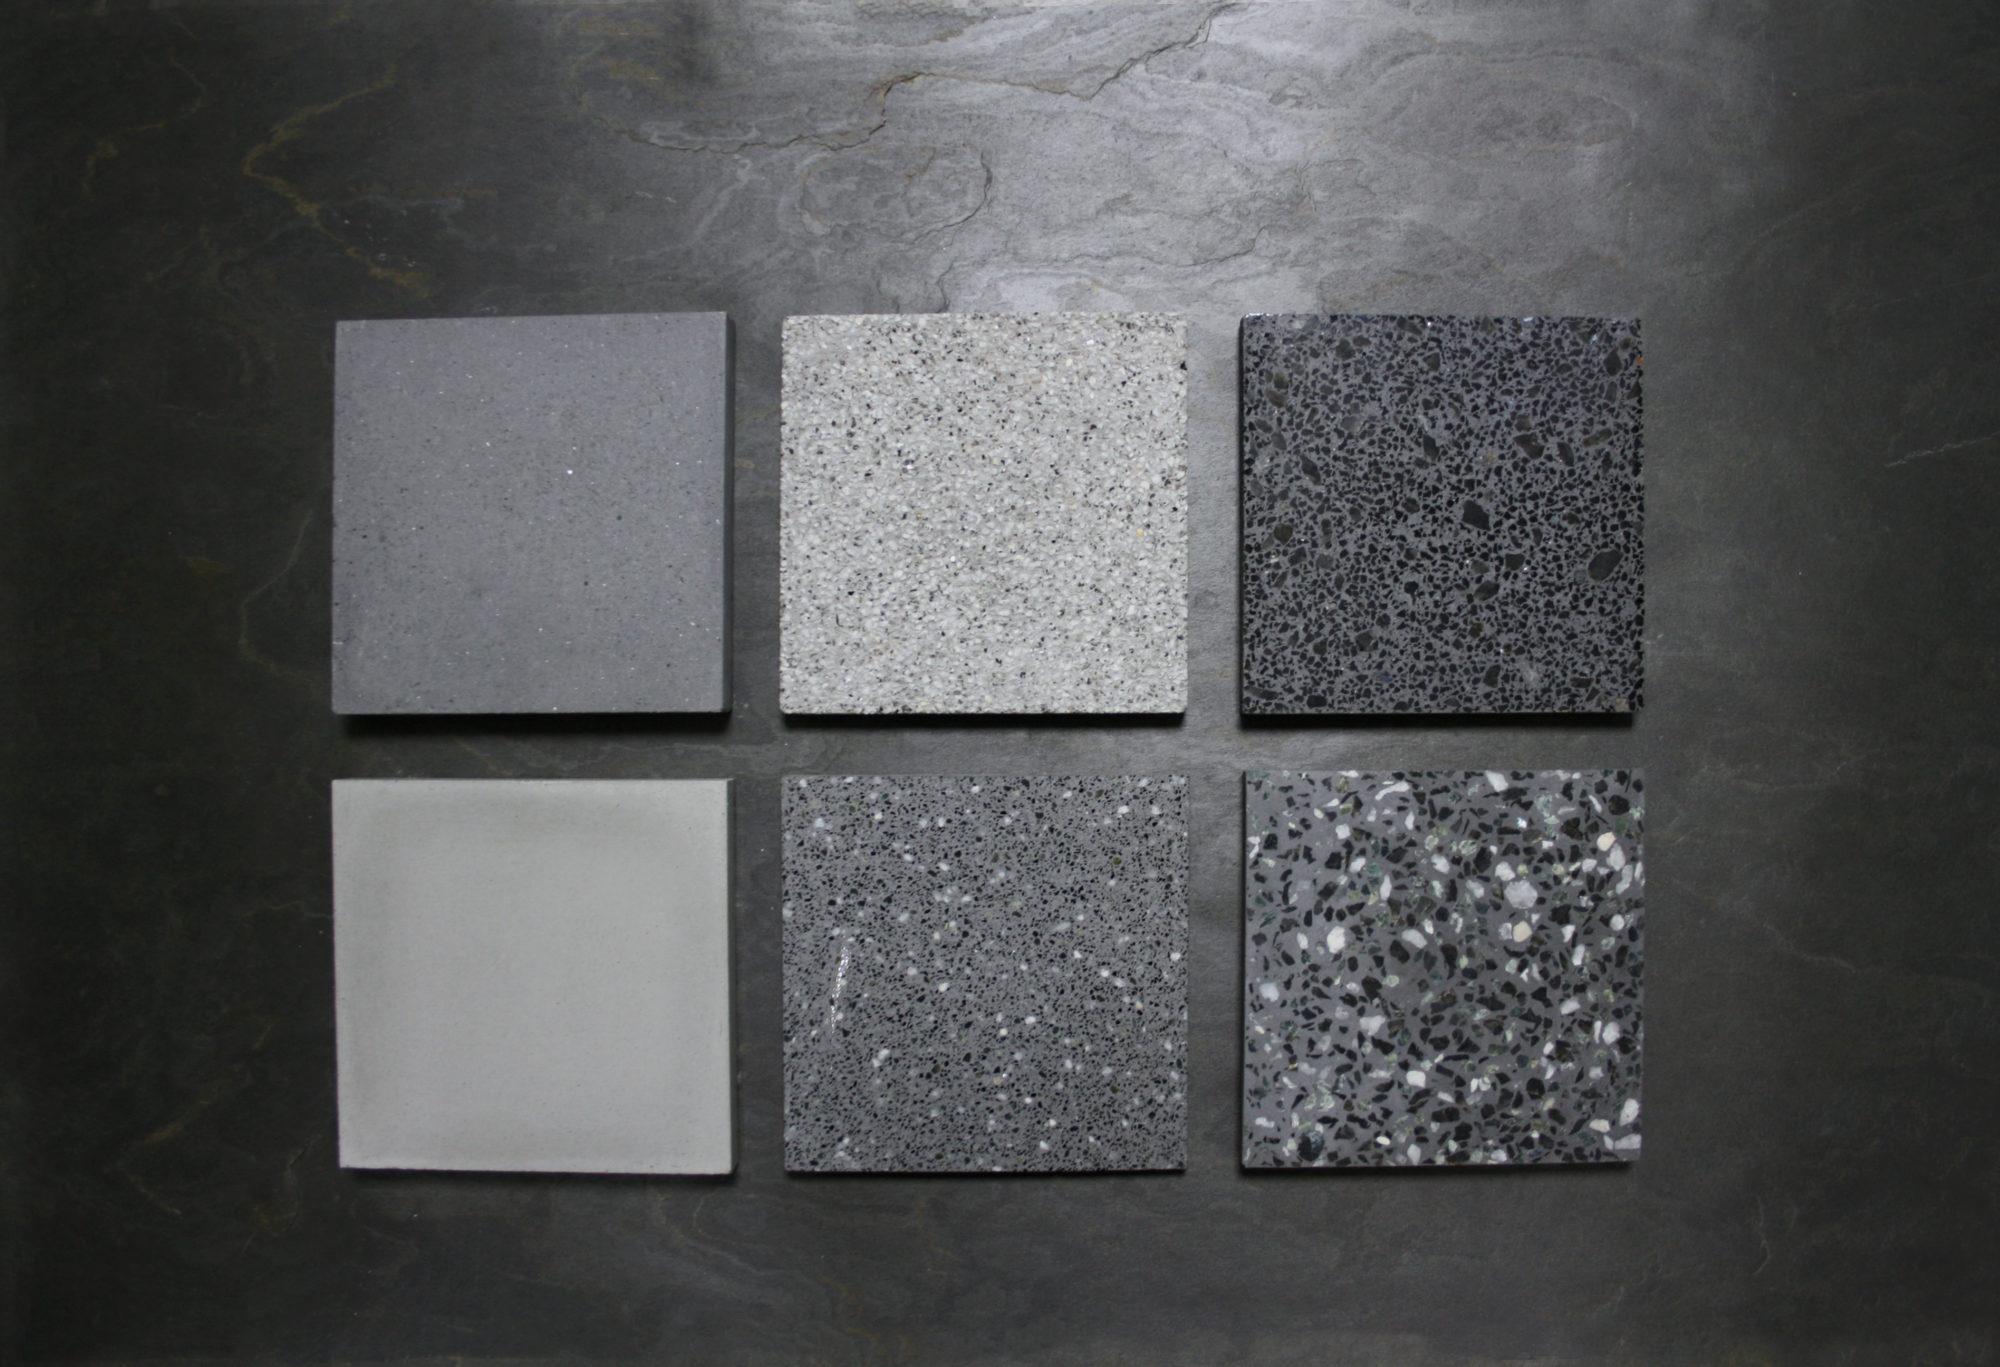 Литье бетона: изготовление форм в домашних условиях, литой битон